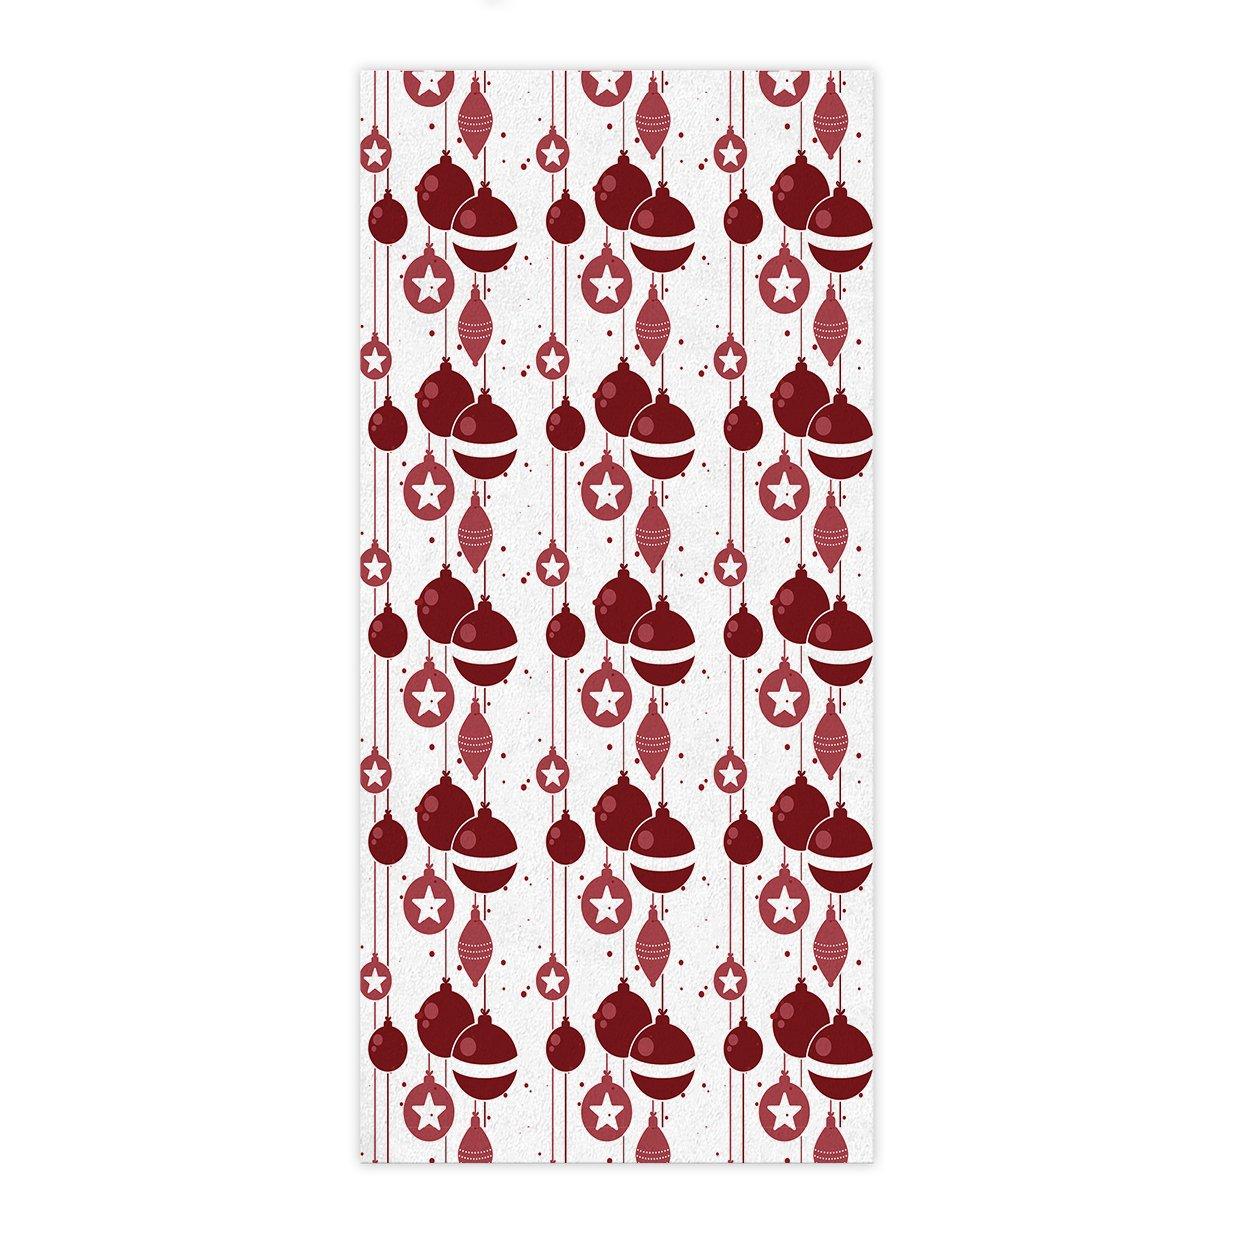 ezon-ch moderno Navidad bola roja Star toalla de mano baño toallas de ducha de Wrap Playa Cuerpo para Hotel playa gimnasio spa Home: Amazon.es: Hogar